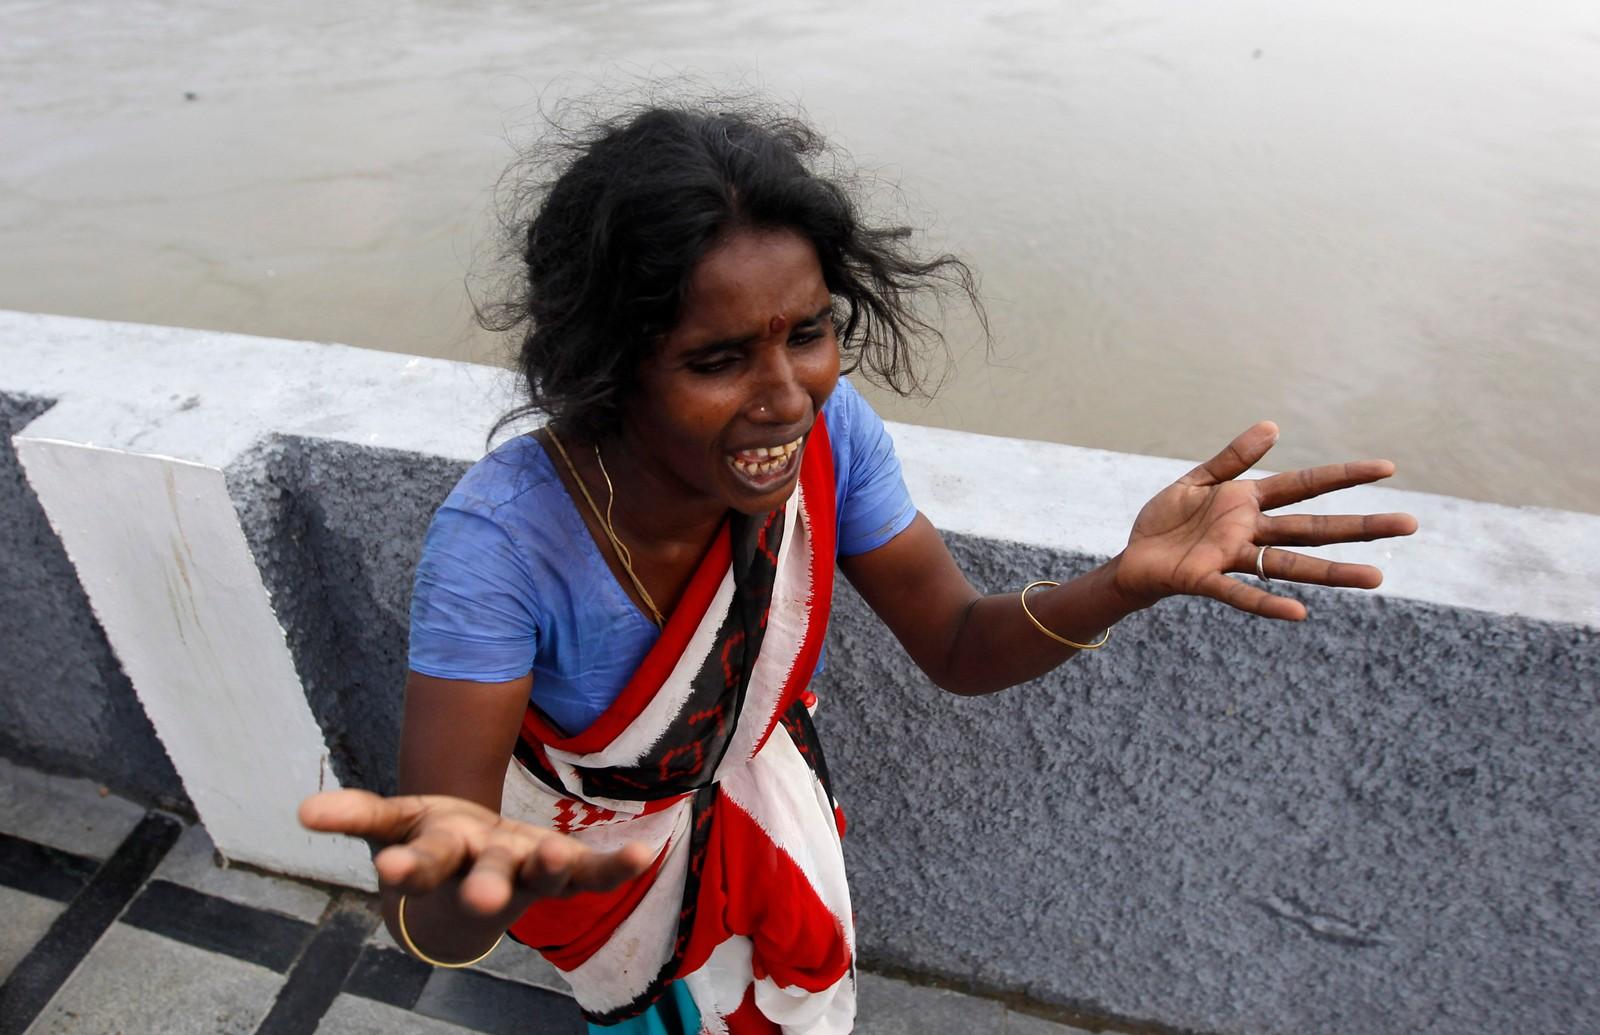 En kvinne gråter. Ifølge Ap skal hun akkurat ha sett liket til sønnen hennes flyte i Adyar elven etter han ble tatt av flommen. Dette er det kraftigste regnfallet på hundre år i delstaten Tamil Nadu i India.